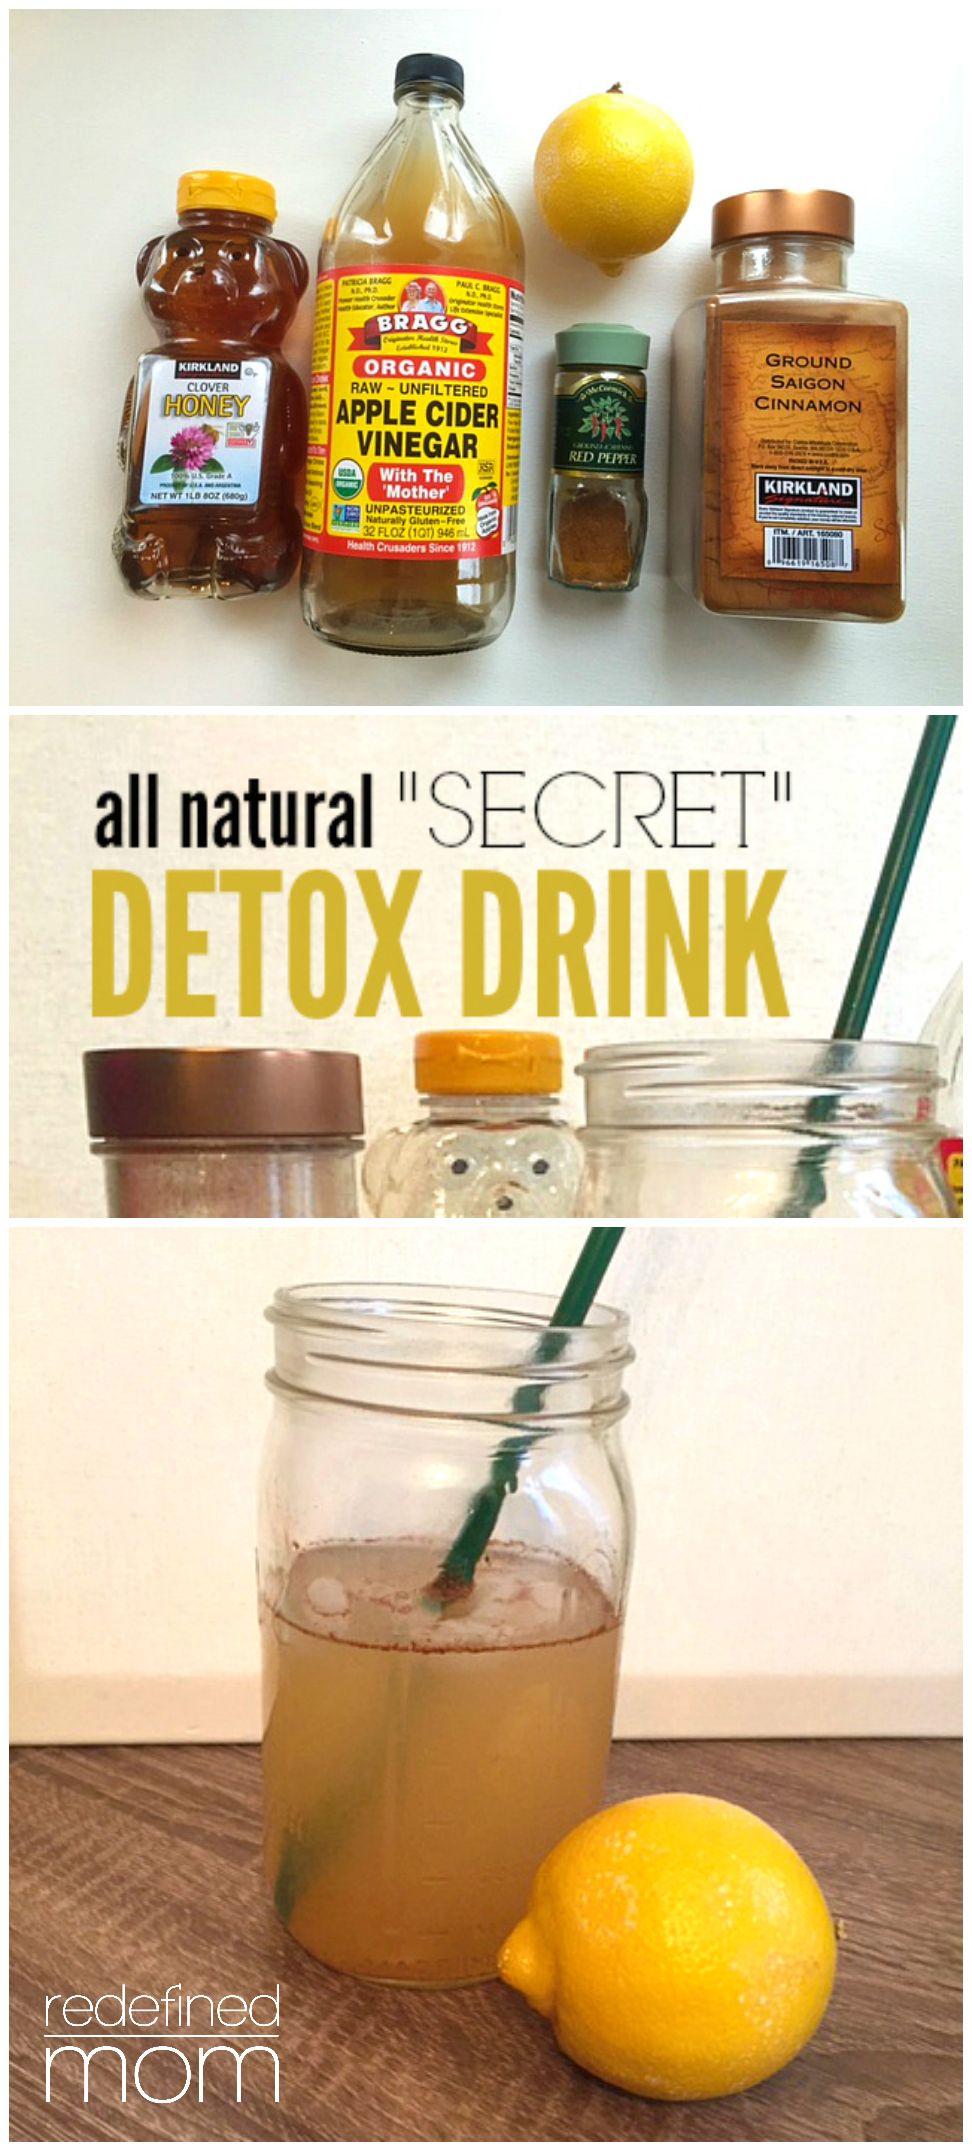 All Natural Secret Detox Drink Recipe